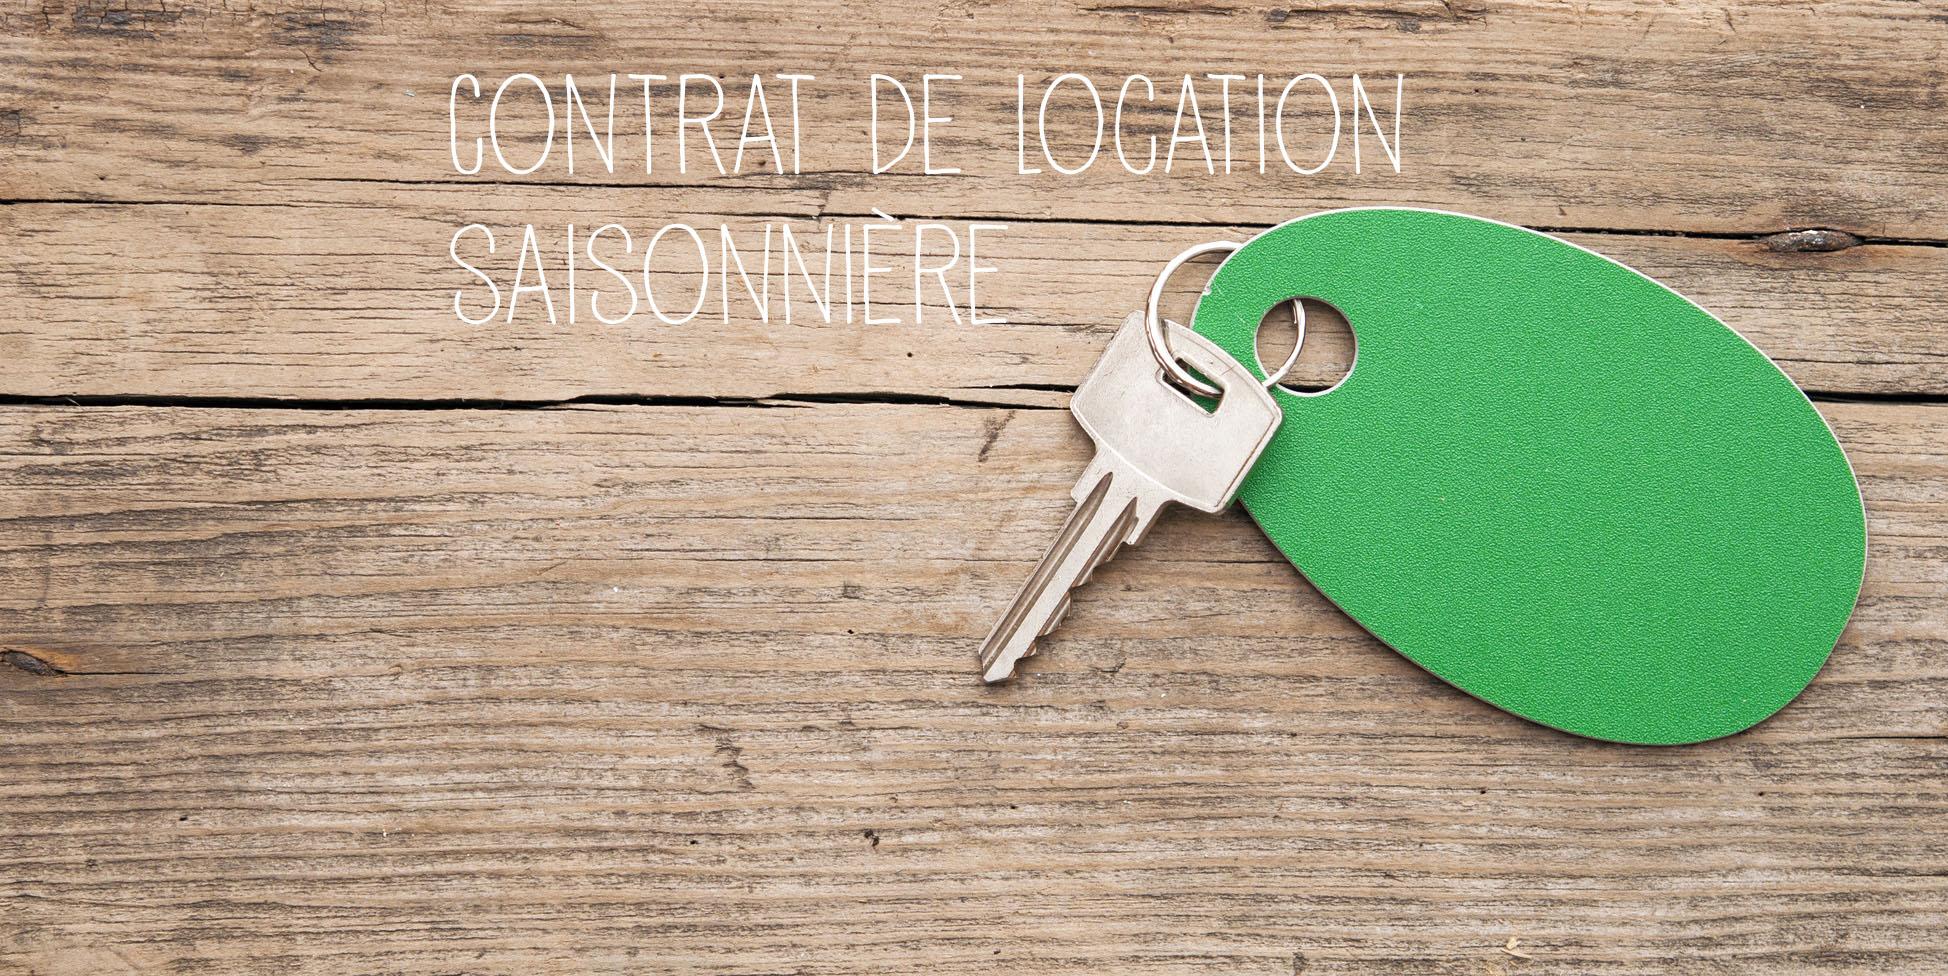 Location de vacances : rédigez le contrat avec soin !